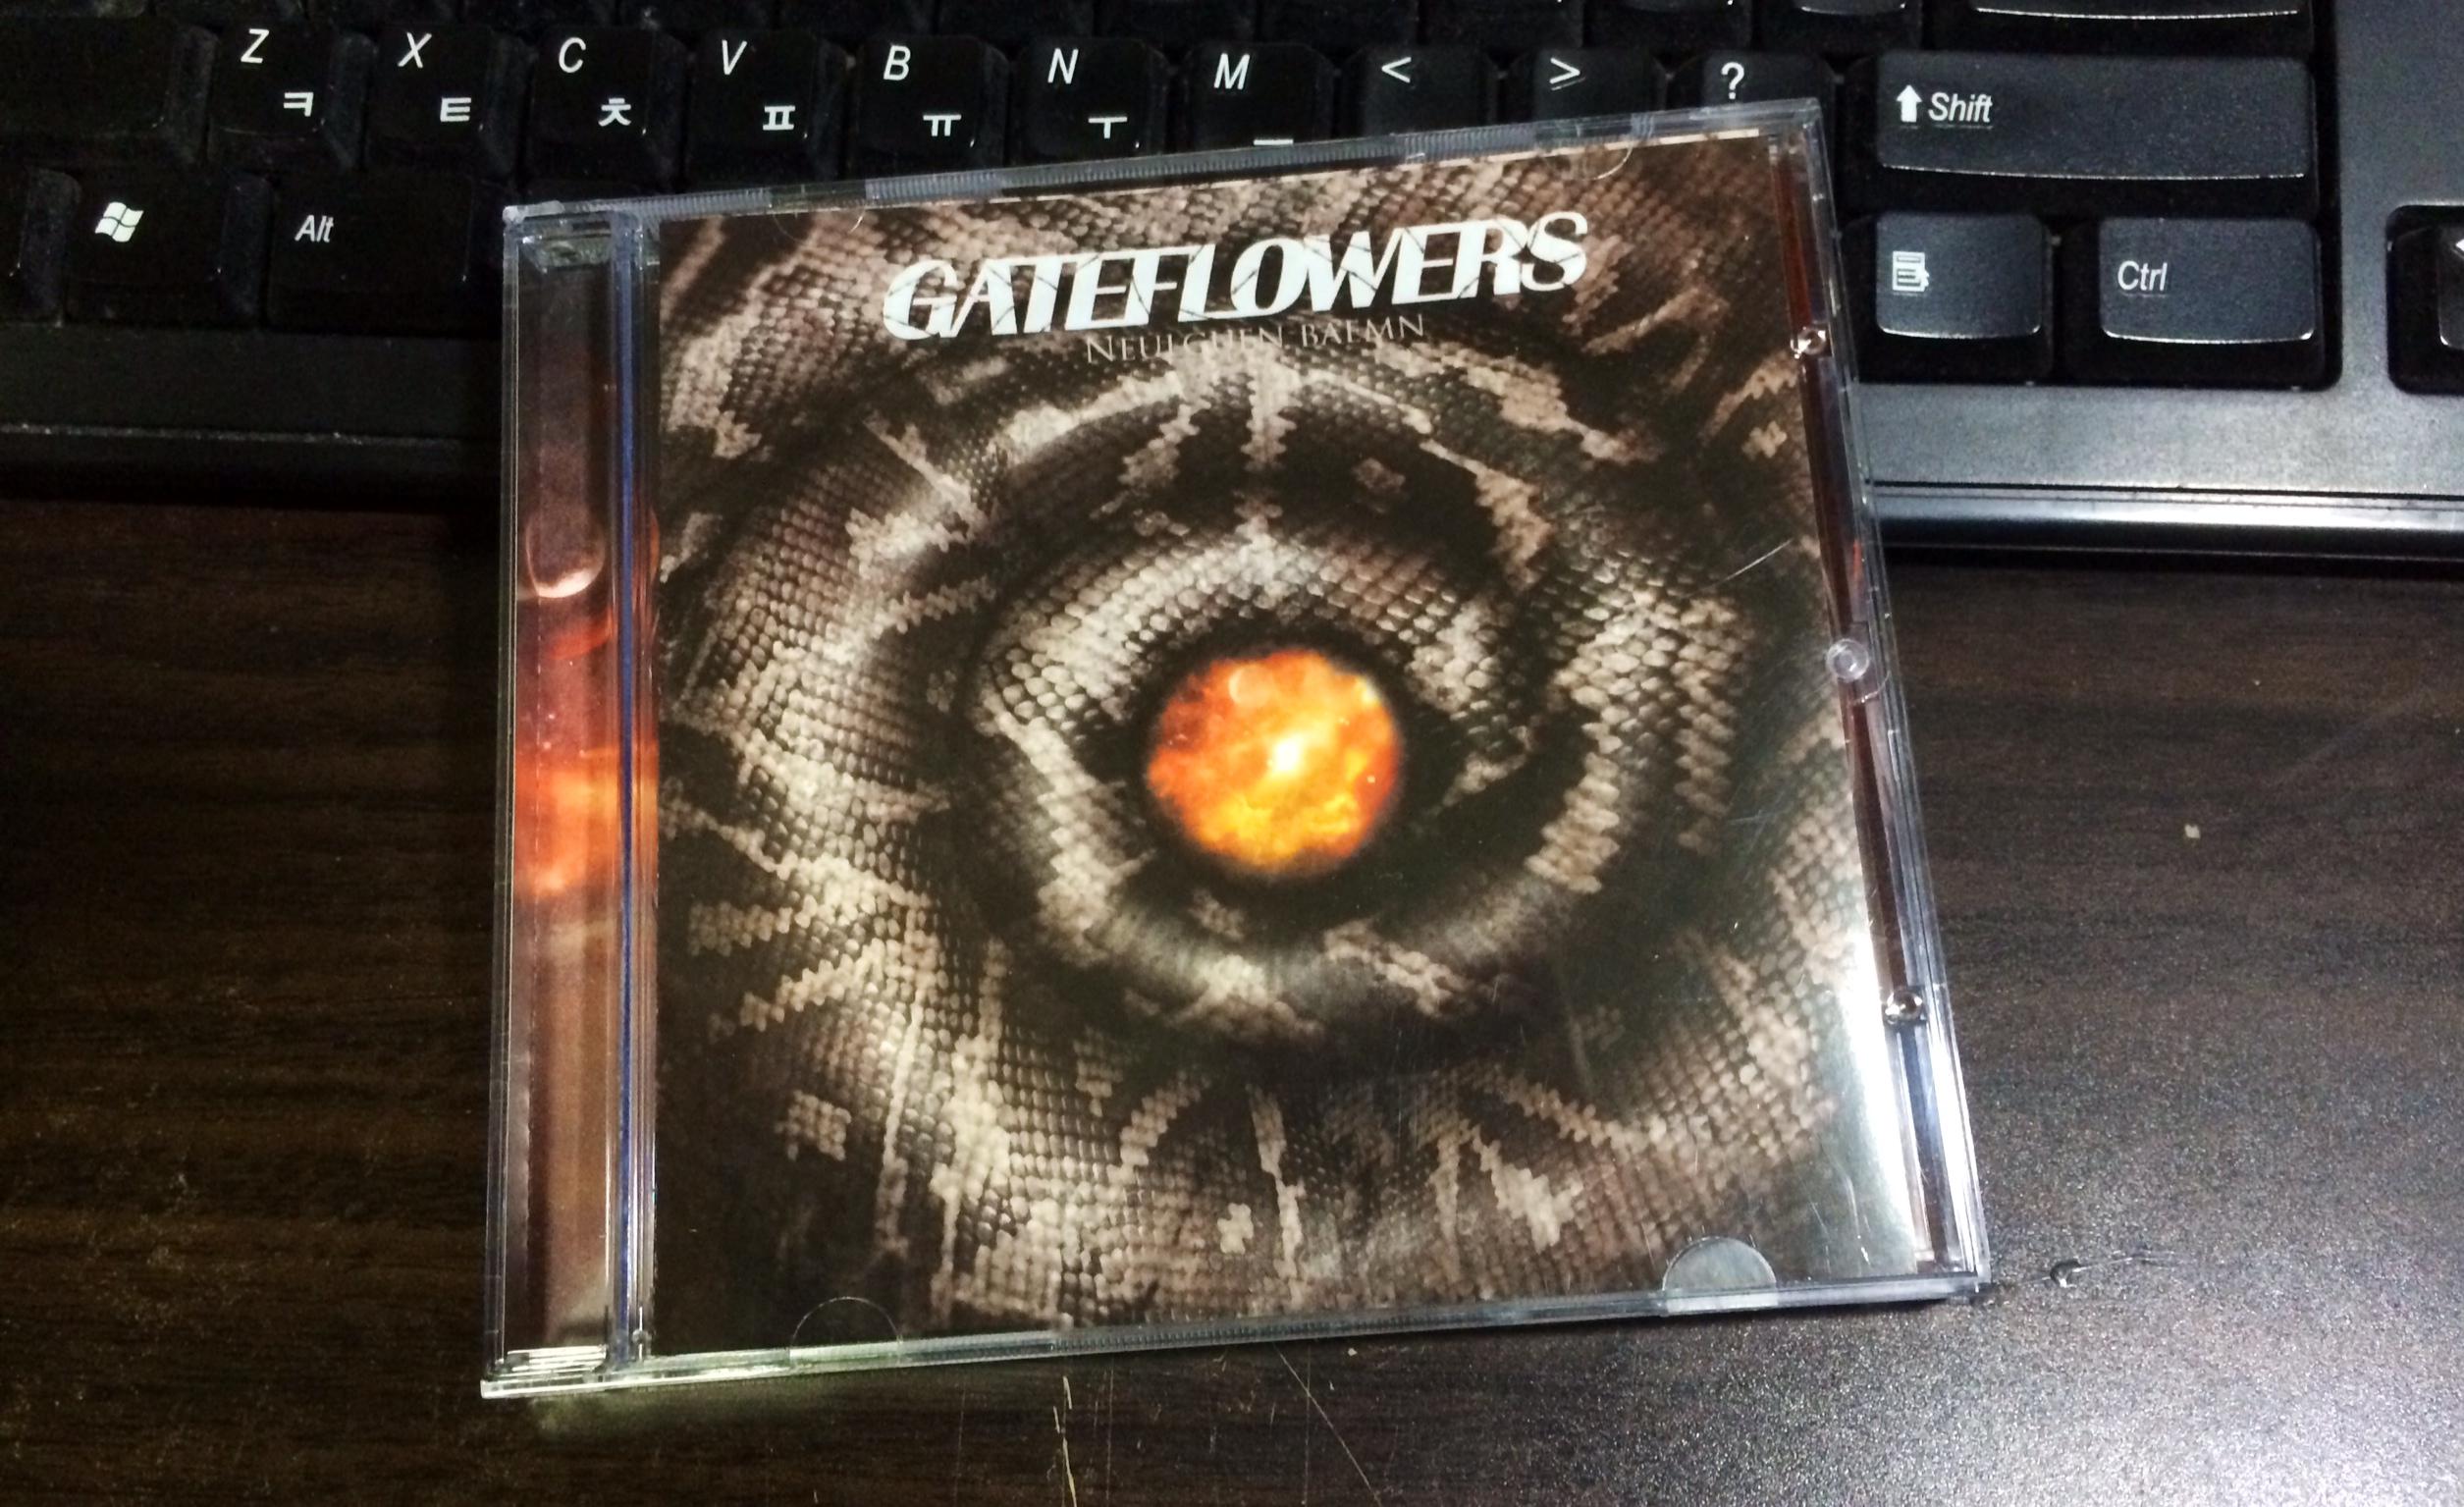 늙은 뱀 - Gateflowers / 2014